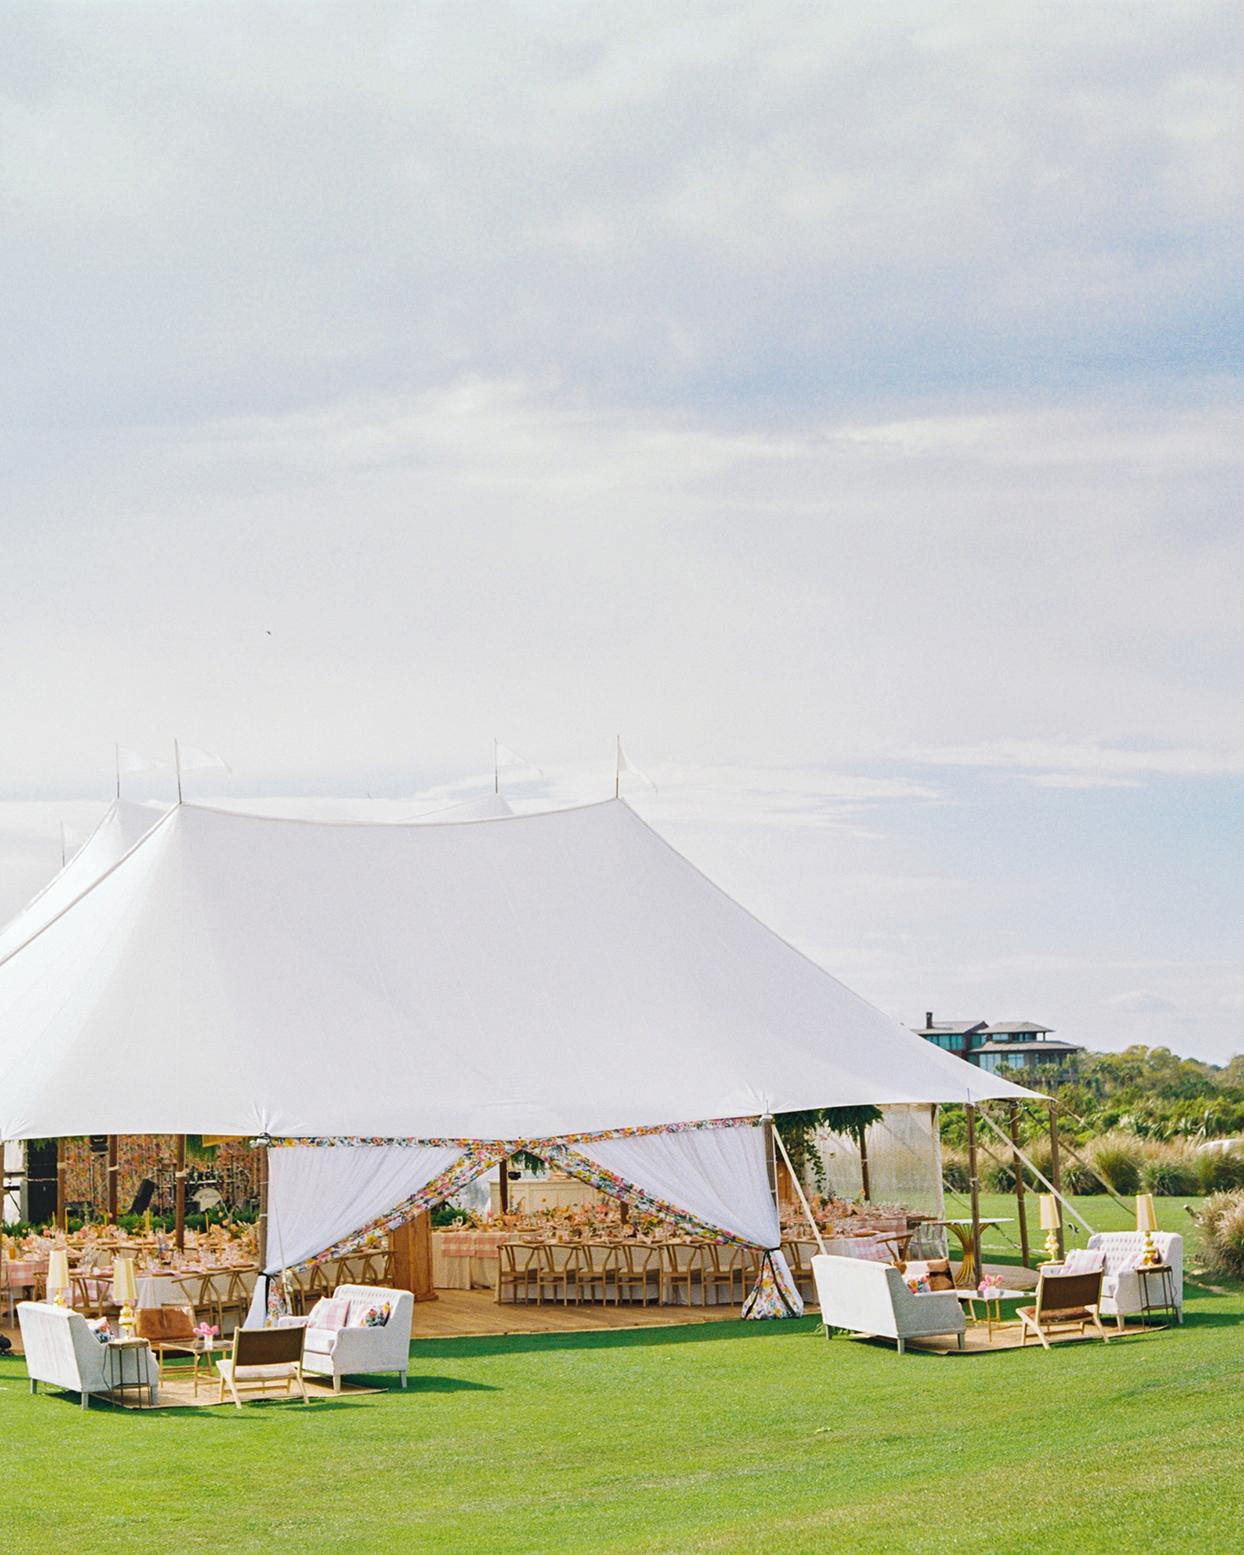 lauren dan wedding tent with wooden floor and reception tables